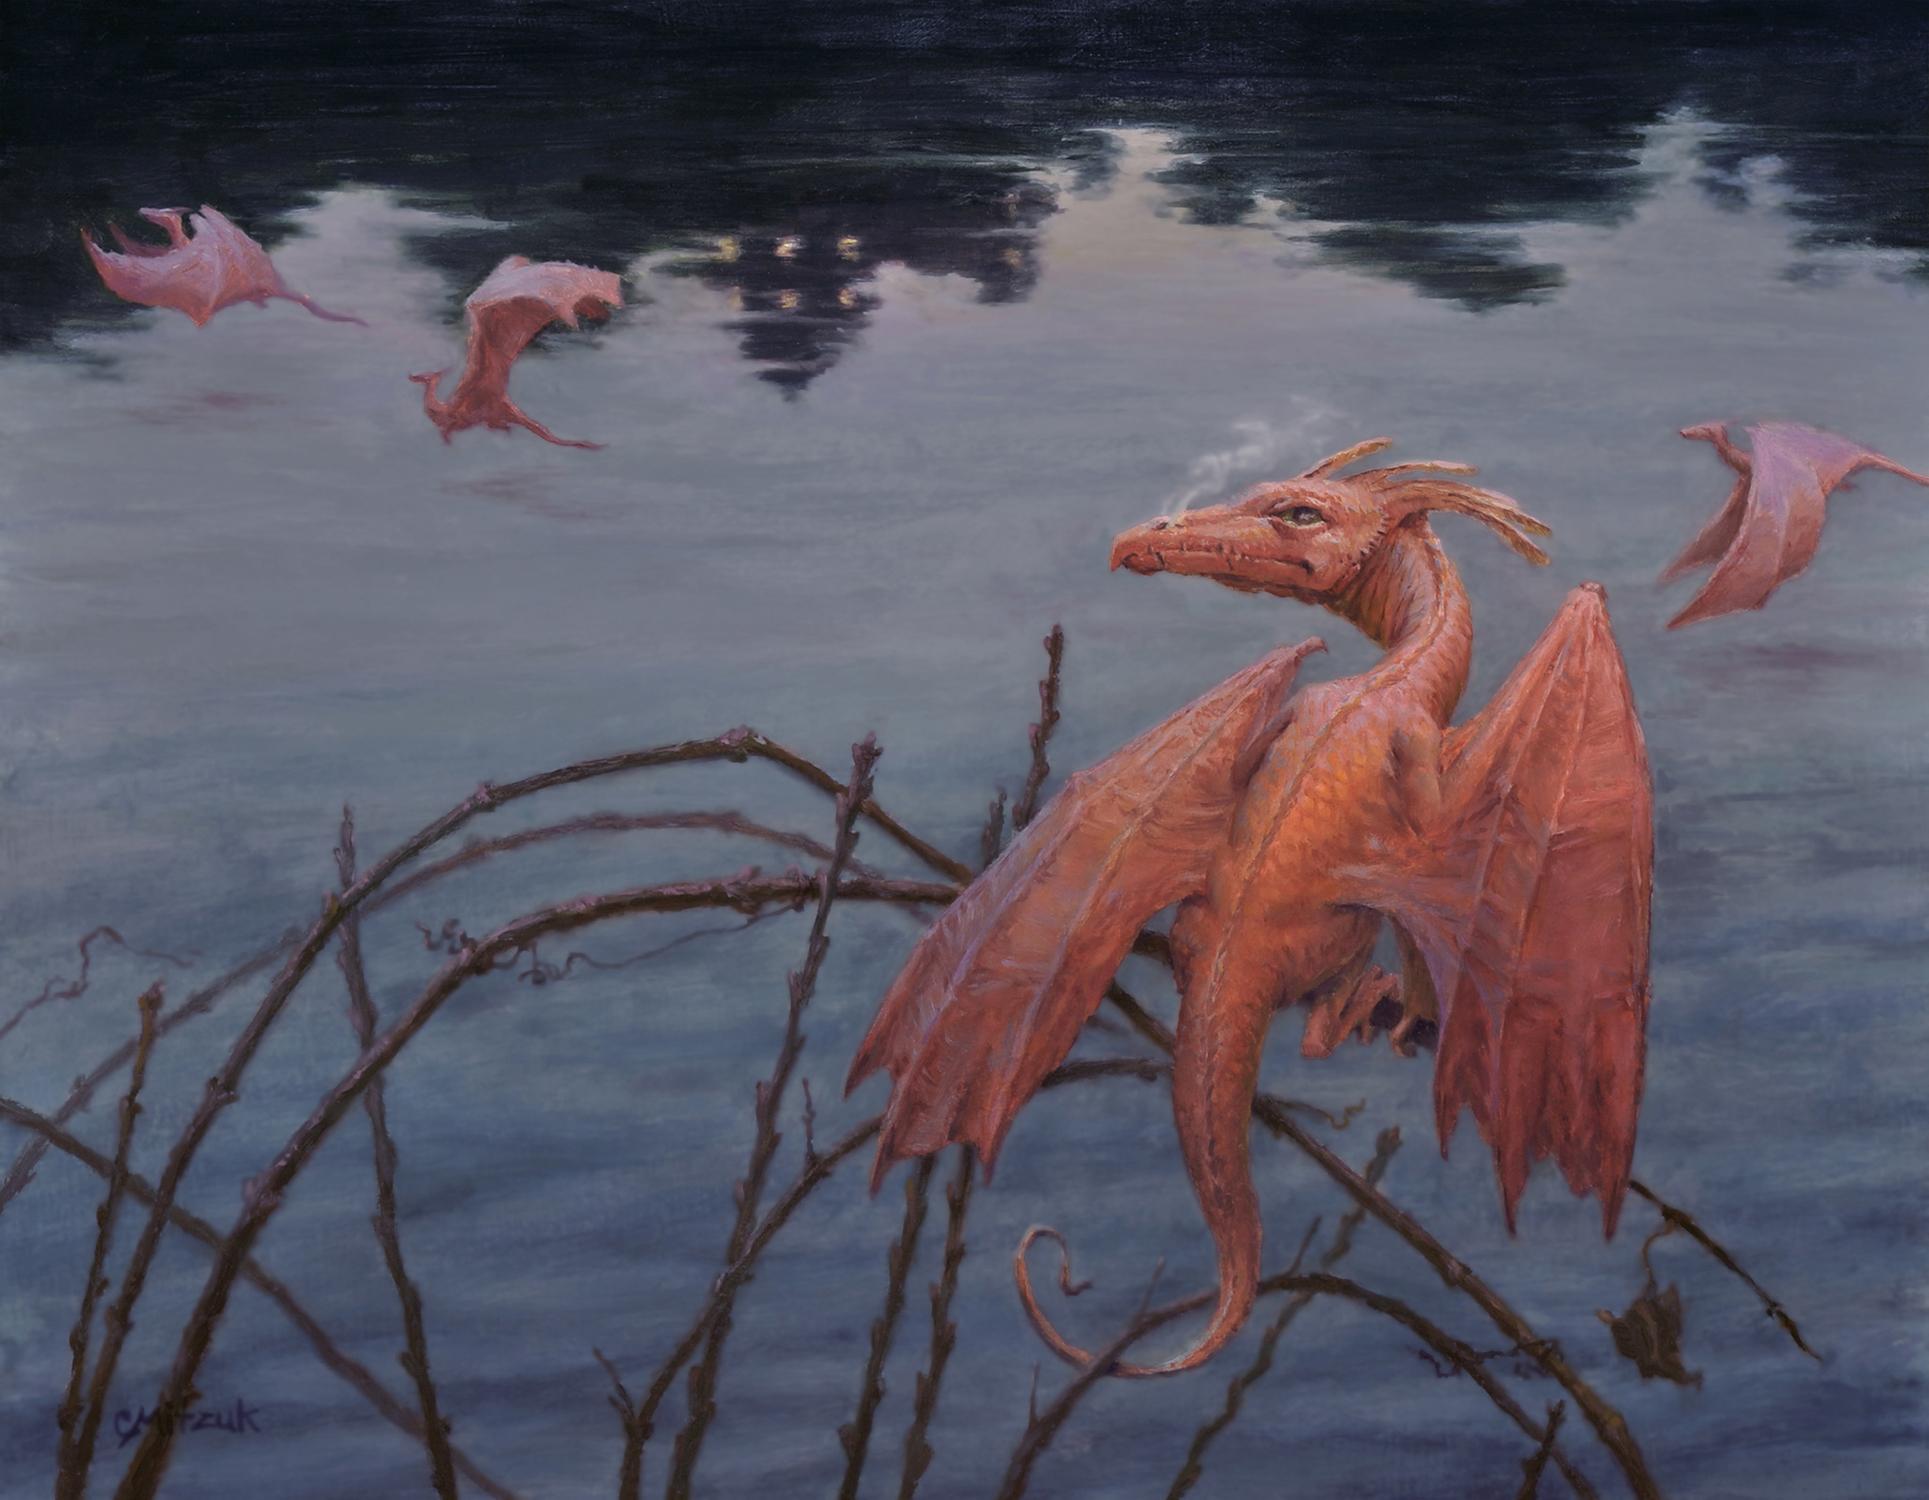 Flight at Dusk Artwork by Christine Mitzuk